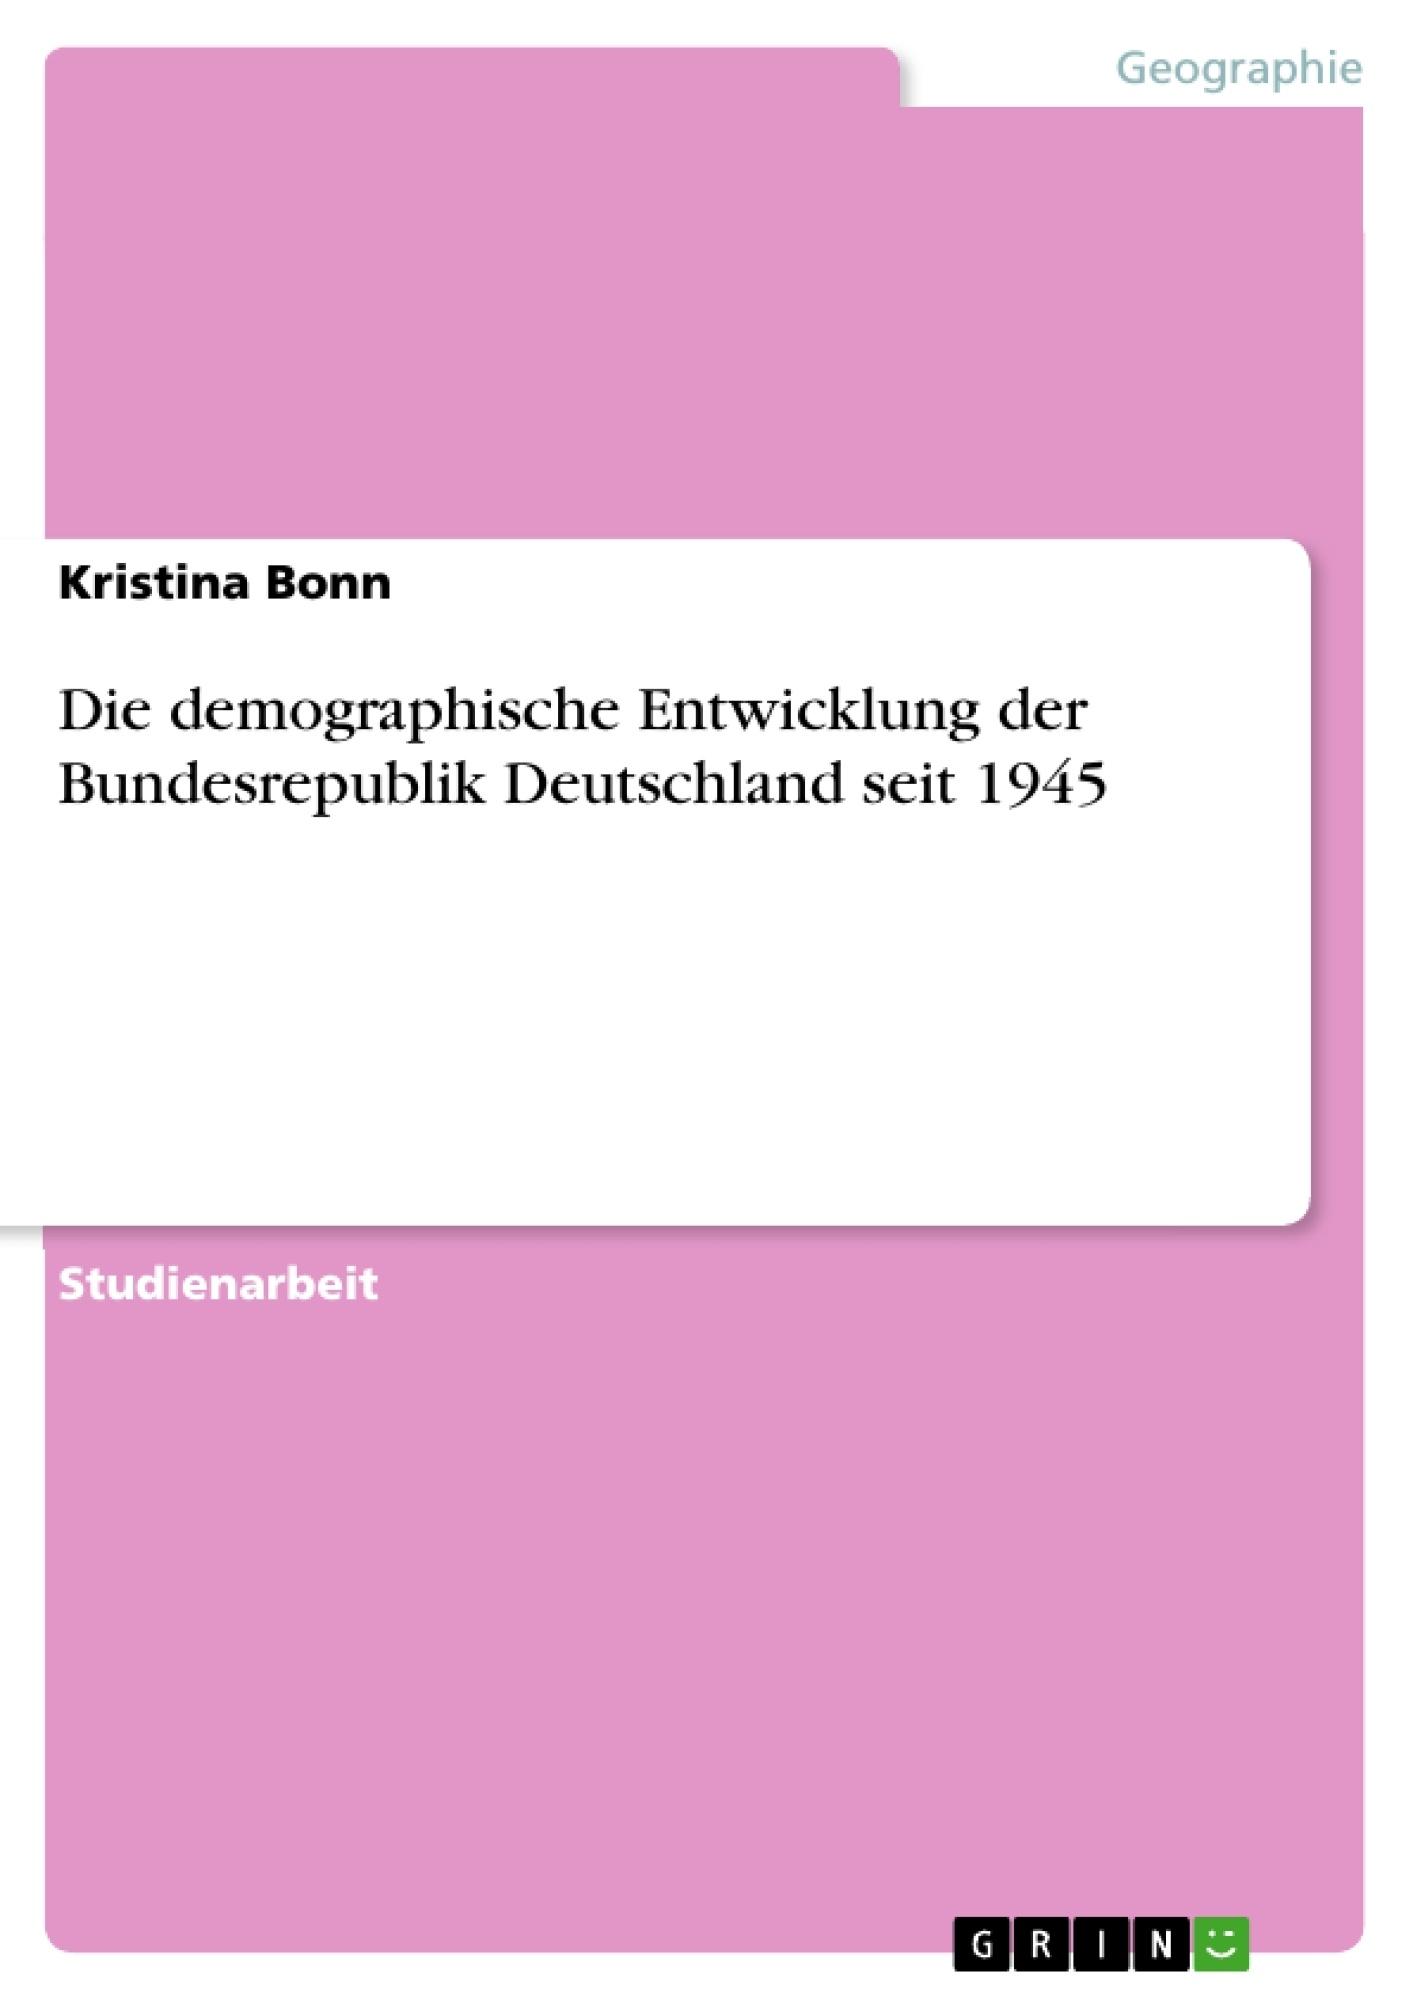 Titel: Die demographische Entwicklung der Bundesrepublik Deutschland seit 1945